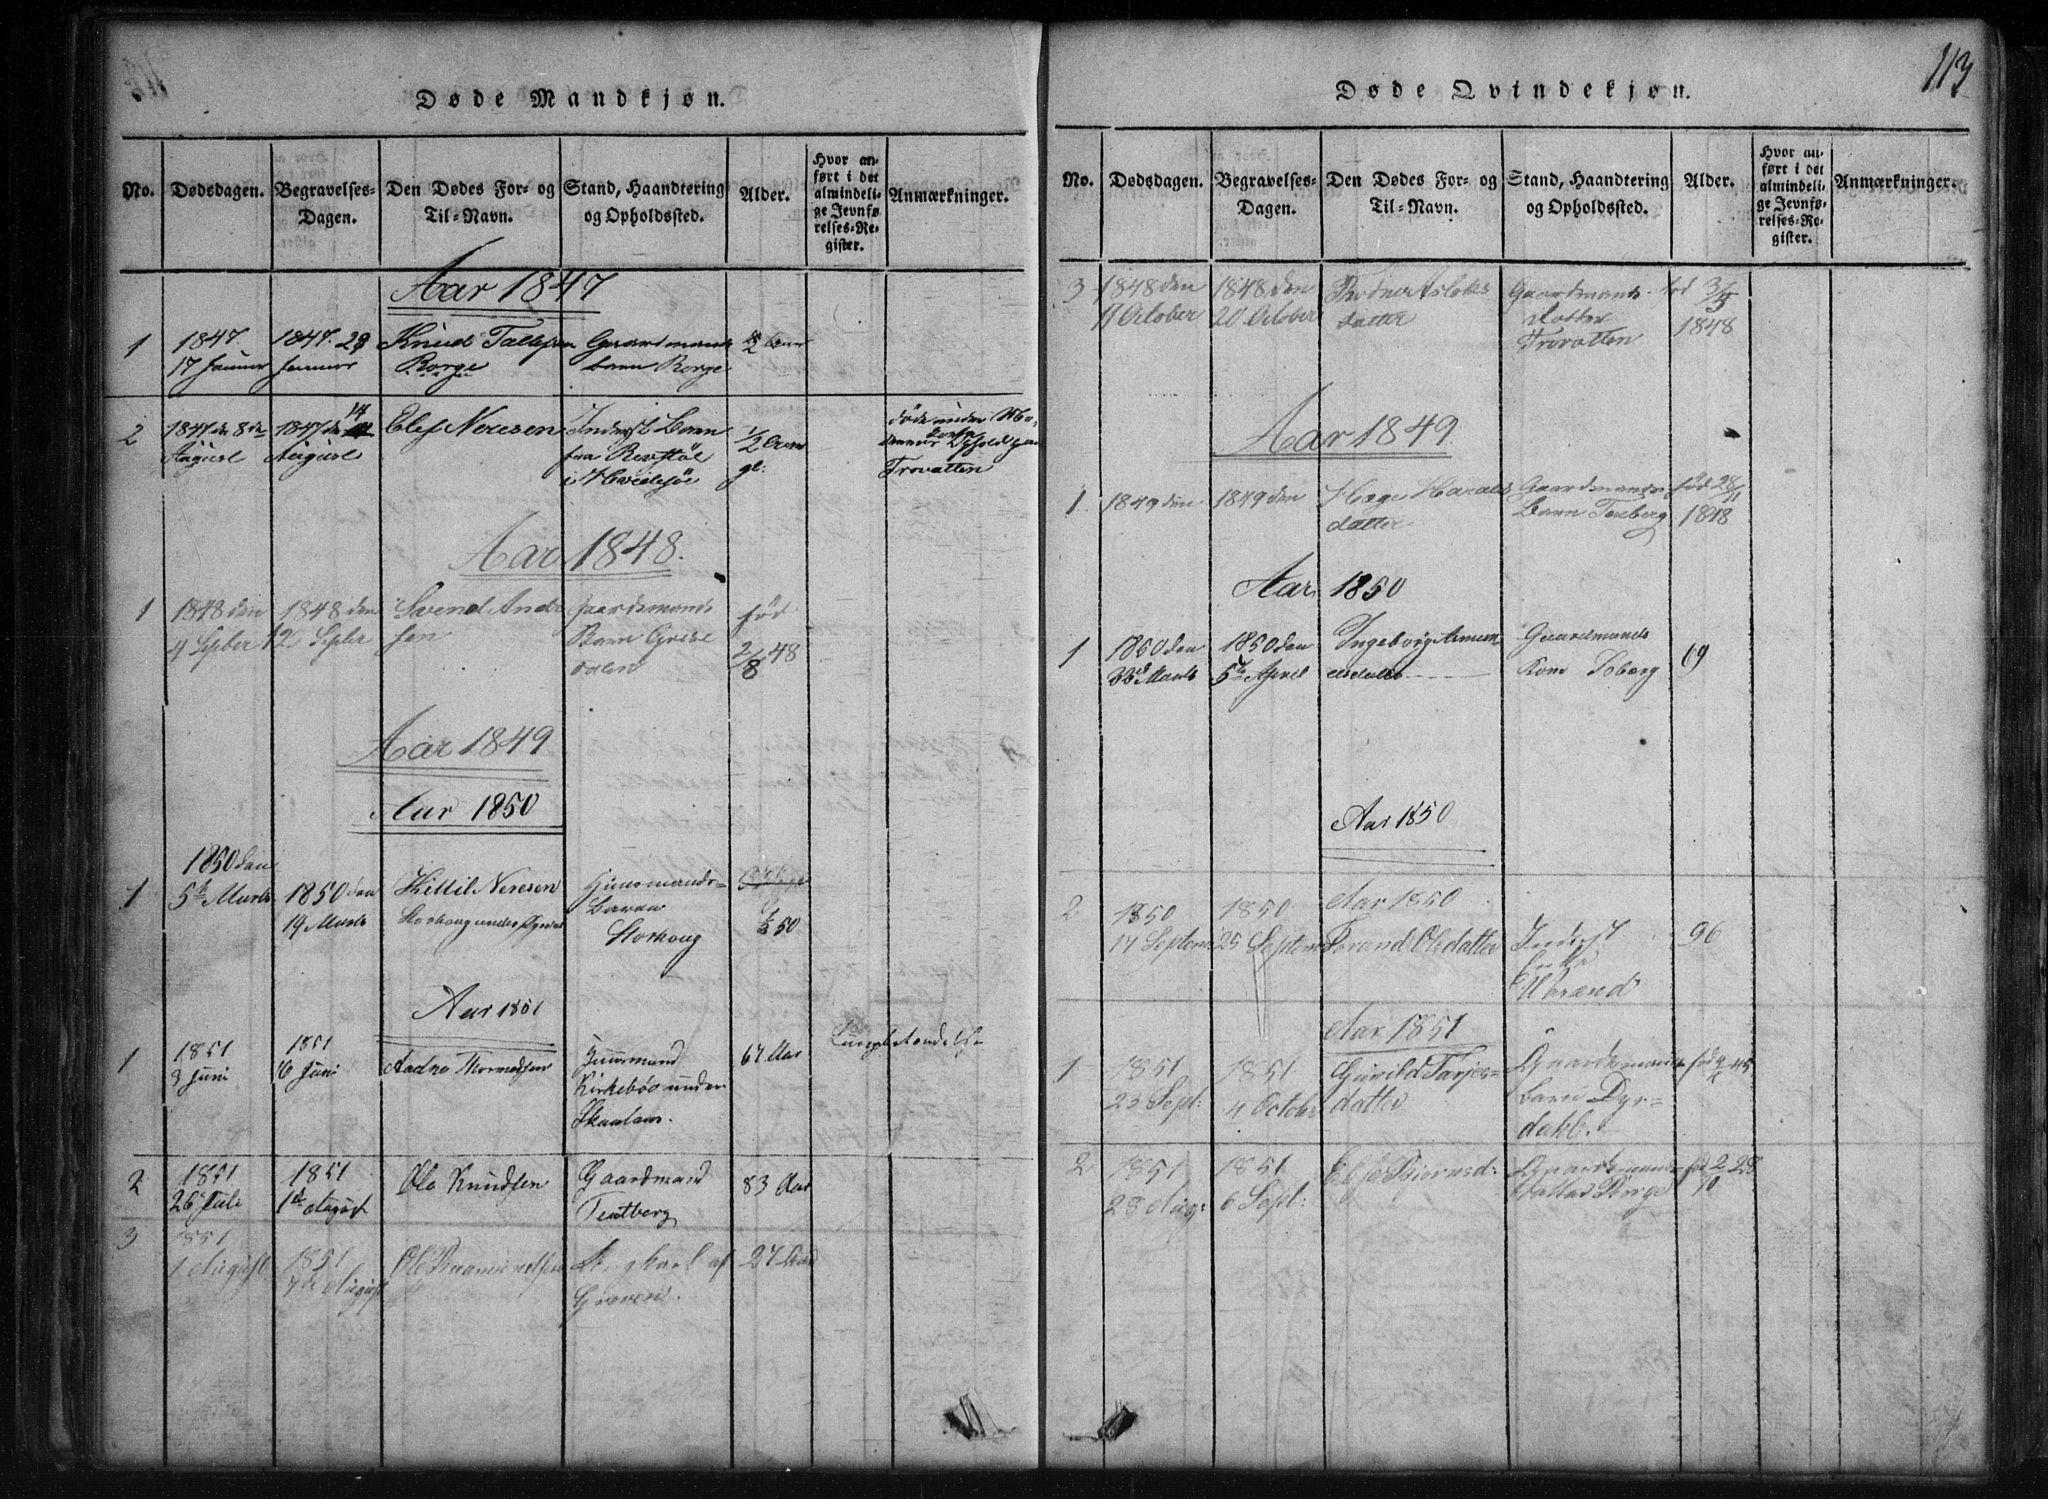 SAKO, Rauland kirkebøker, G/Gb/L0001: Klokkerbok nr. II 1, 1815-1886, s. 113